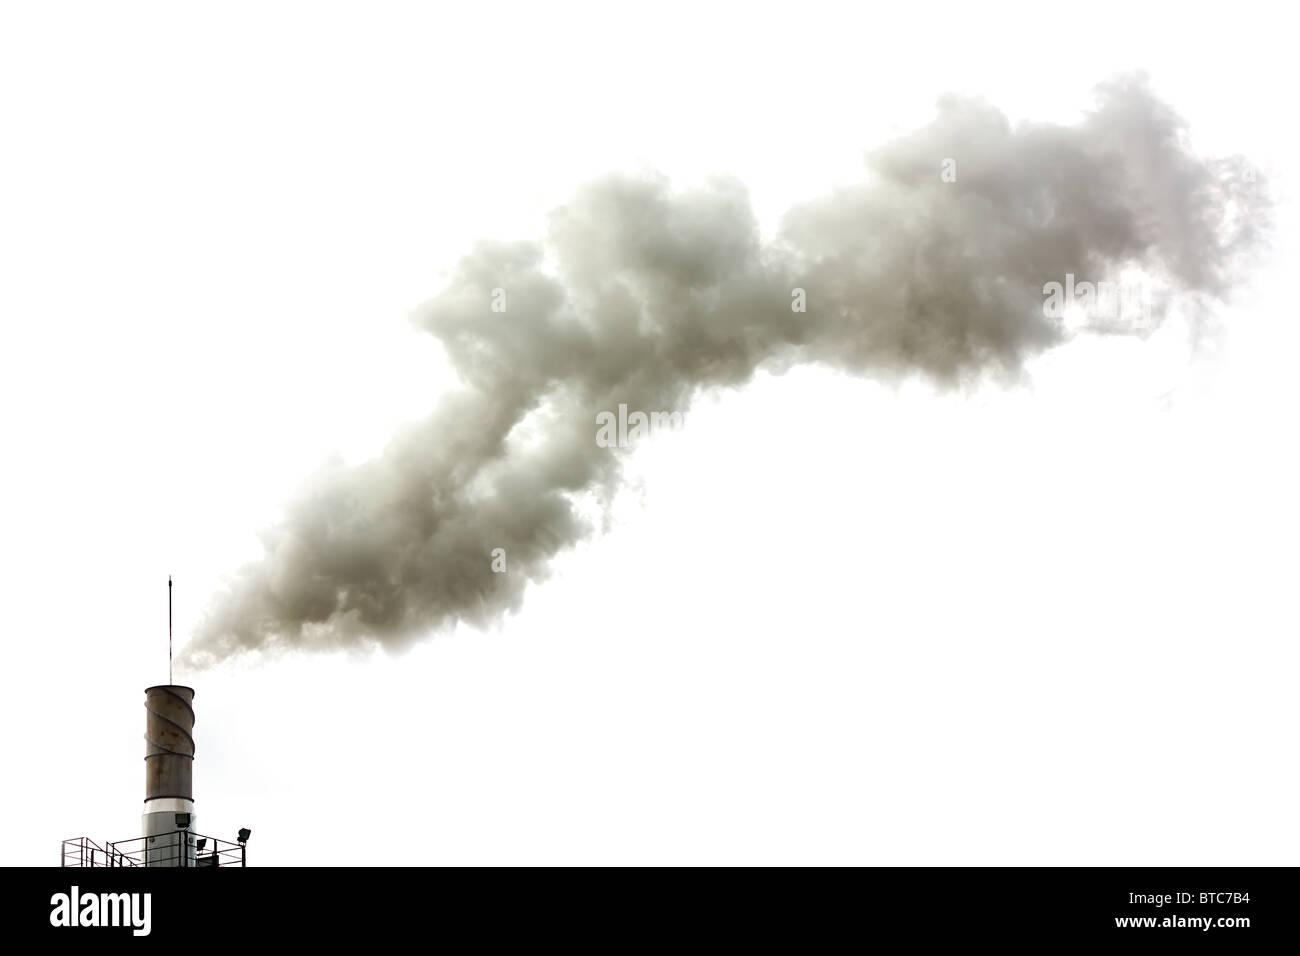 Schmutzige Rauch isoliert, Ökologie-Probleme Stockbild